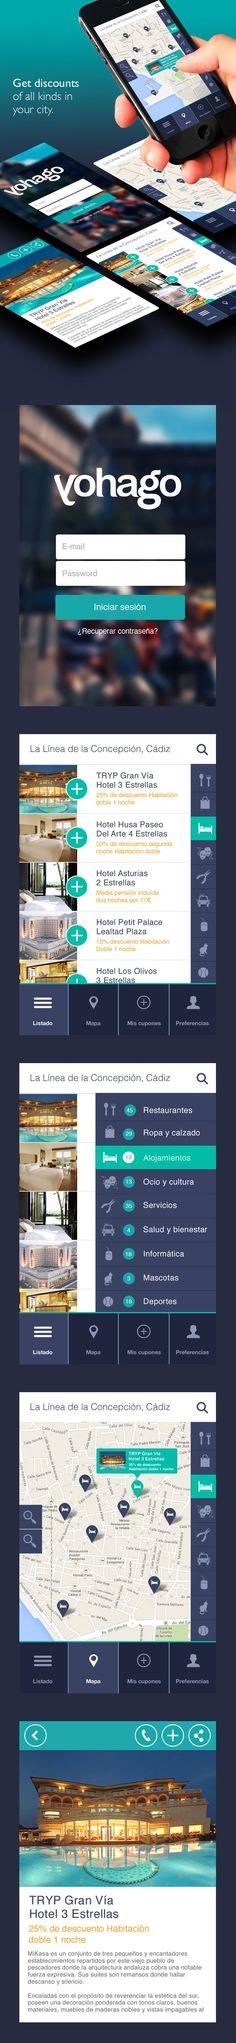 App Yohago Descuentos: